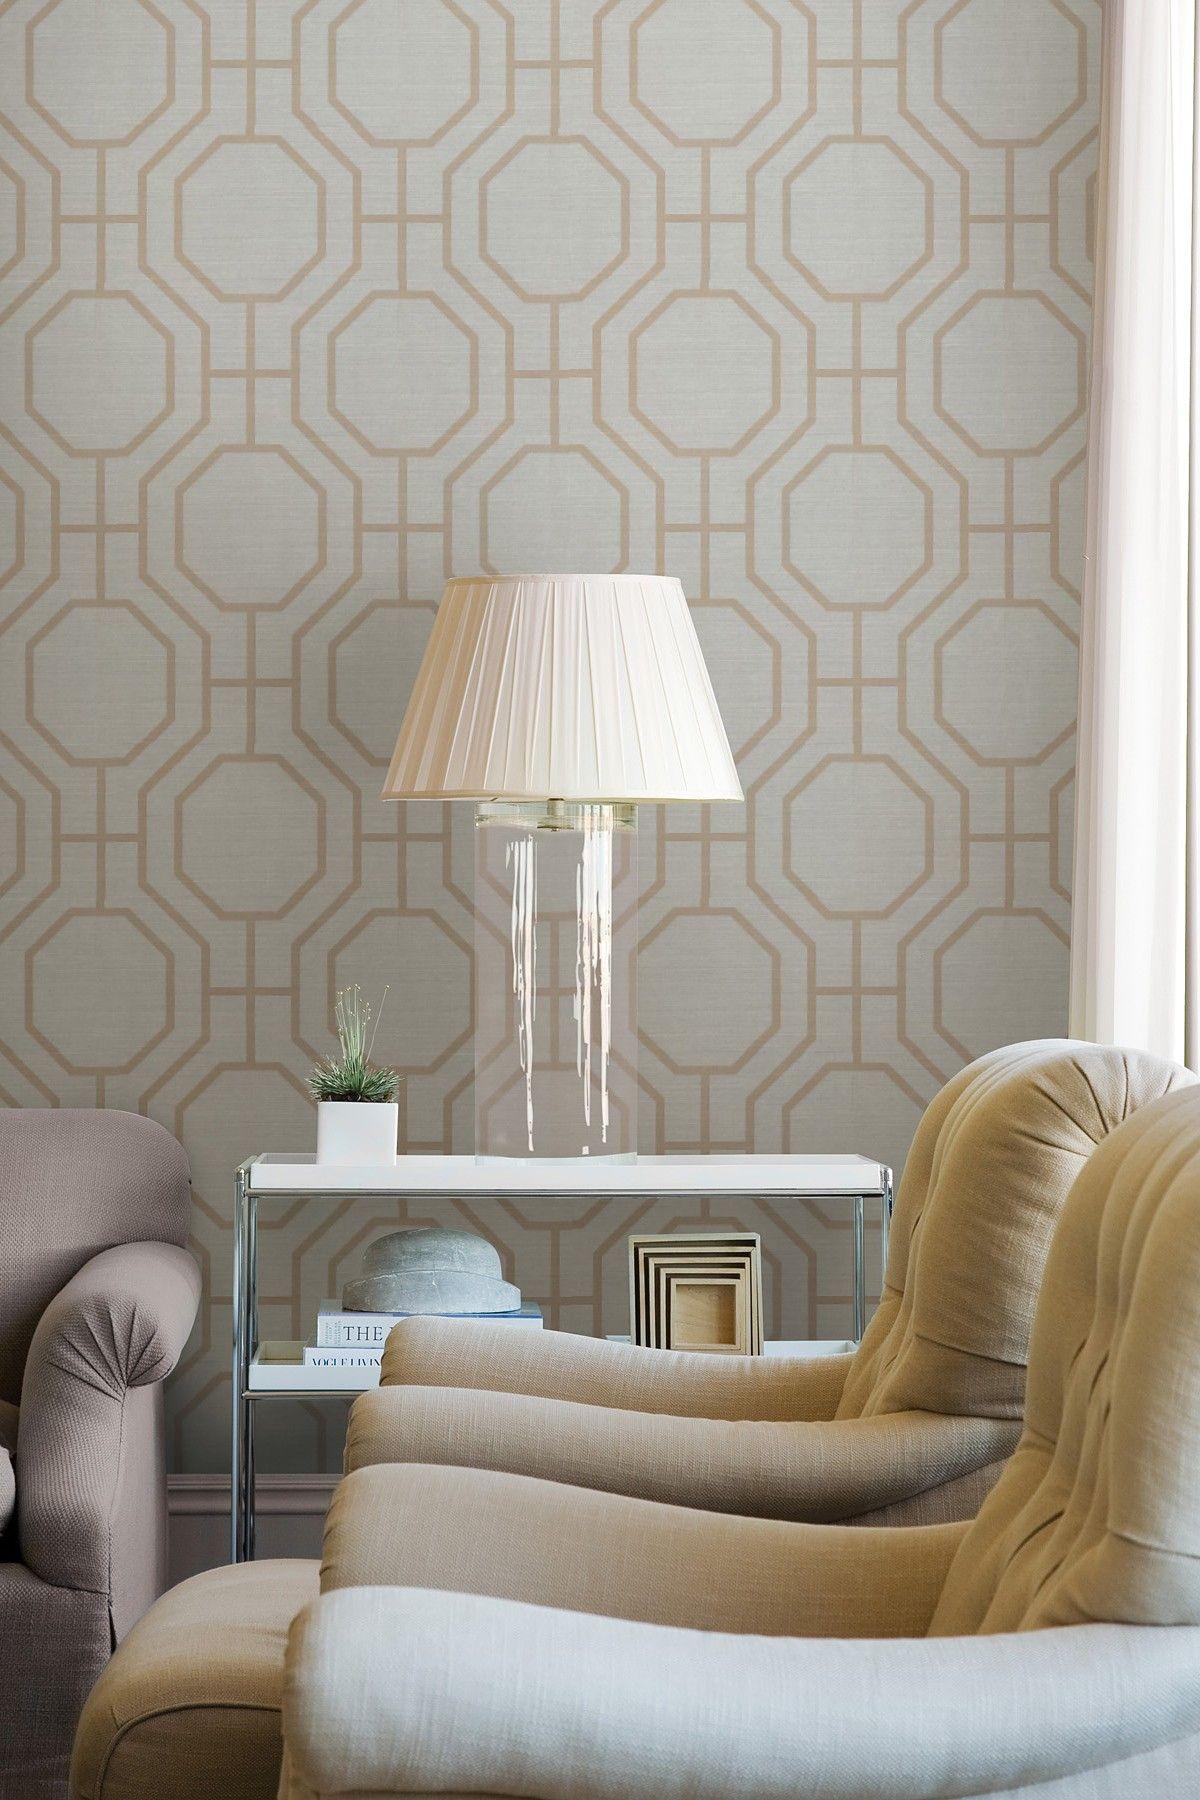 Grey Modern Ironwork Wallpaper Home goods decor, Decor